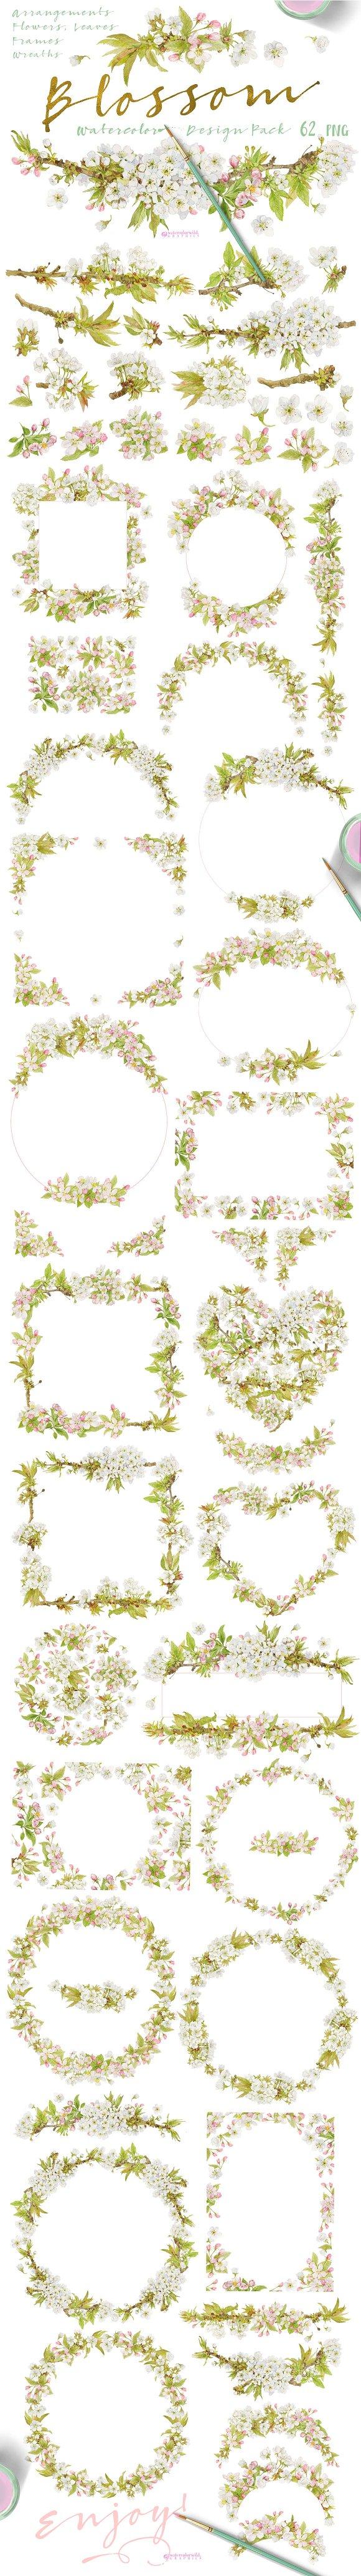 Blossom Design Pack